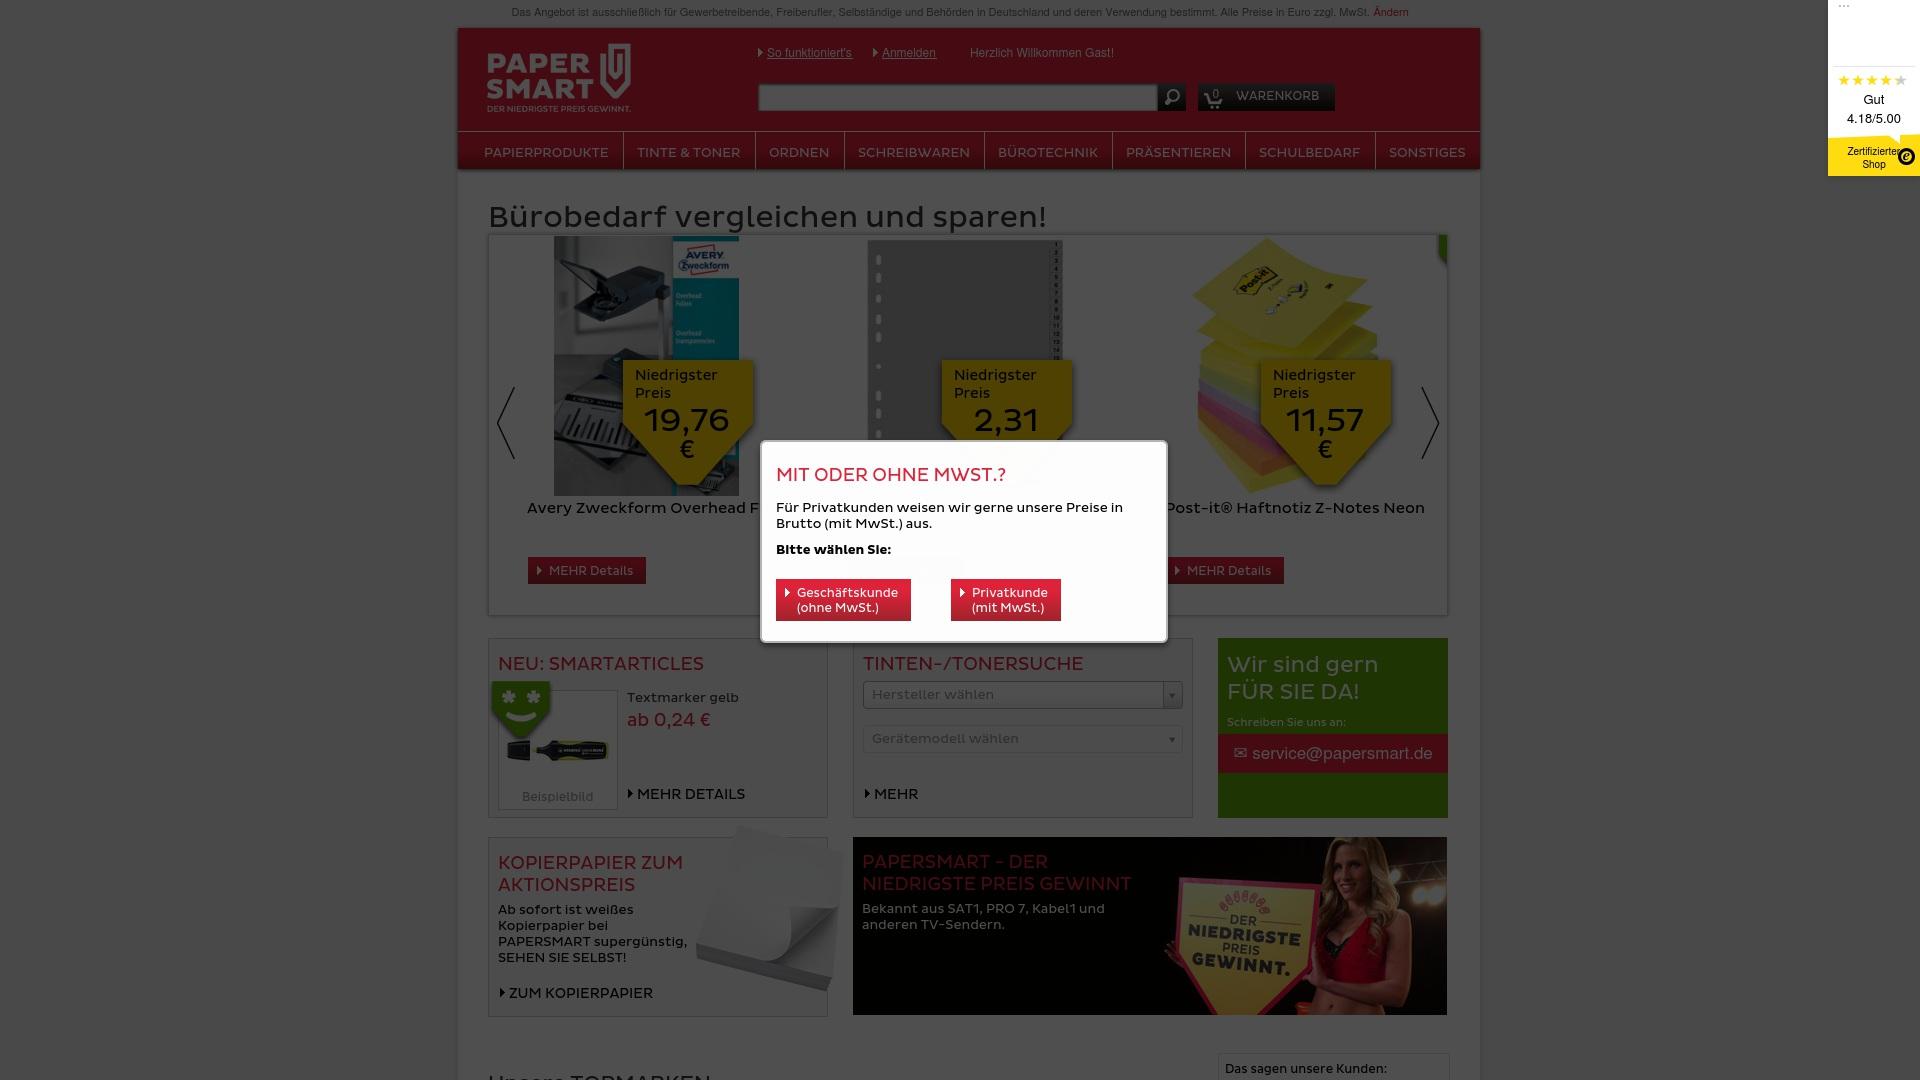 Gutschein für Papersmart: Rabatte für  Papersmart sichern